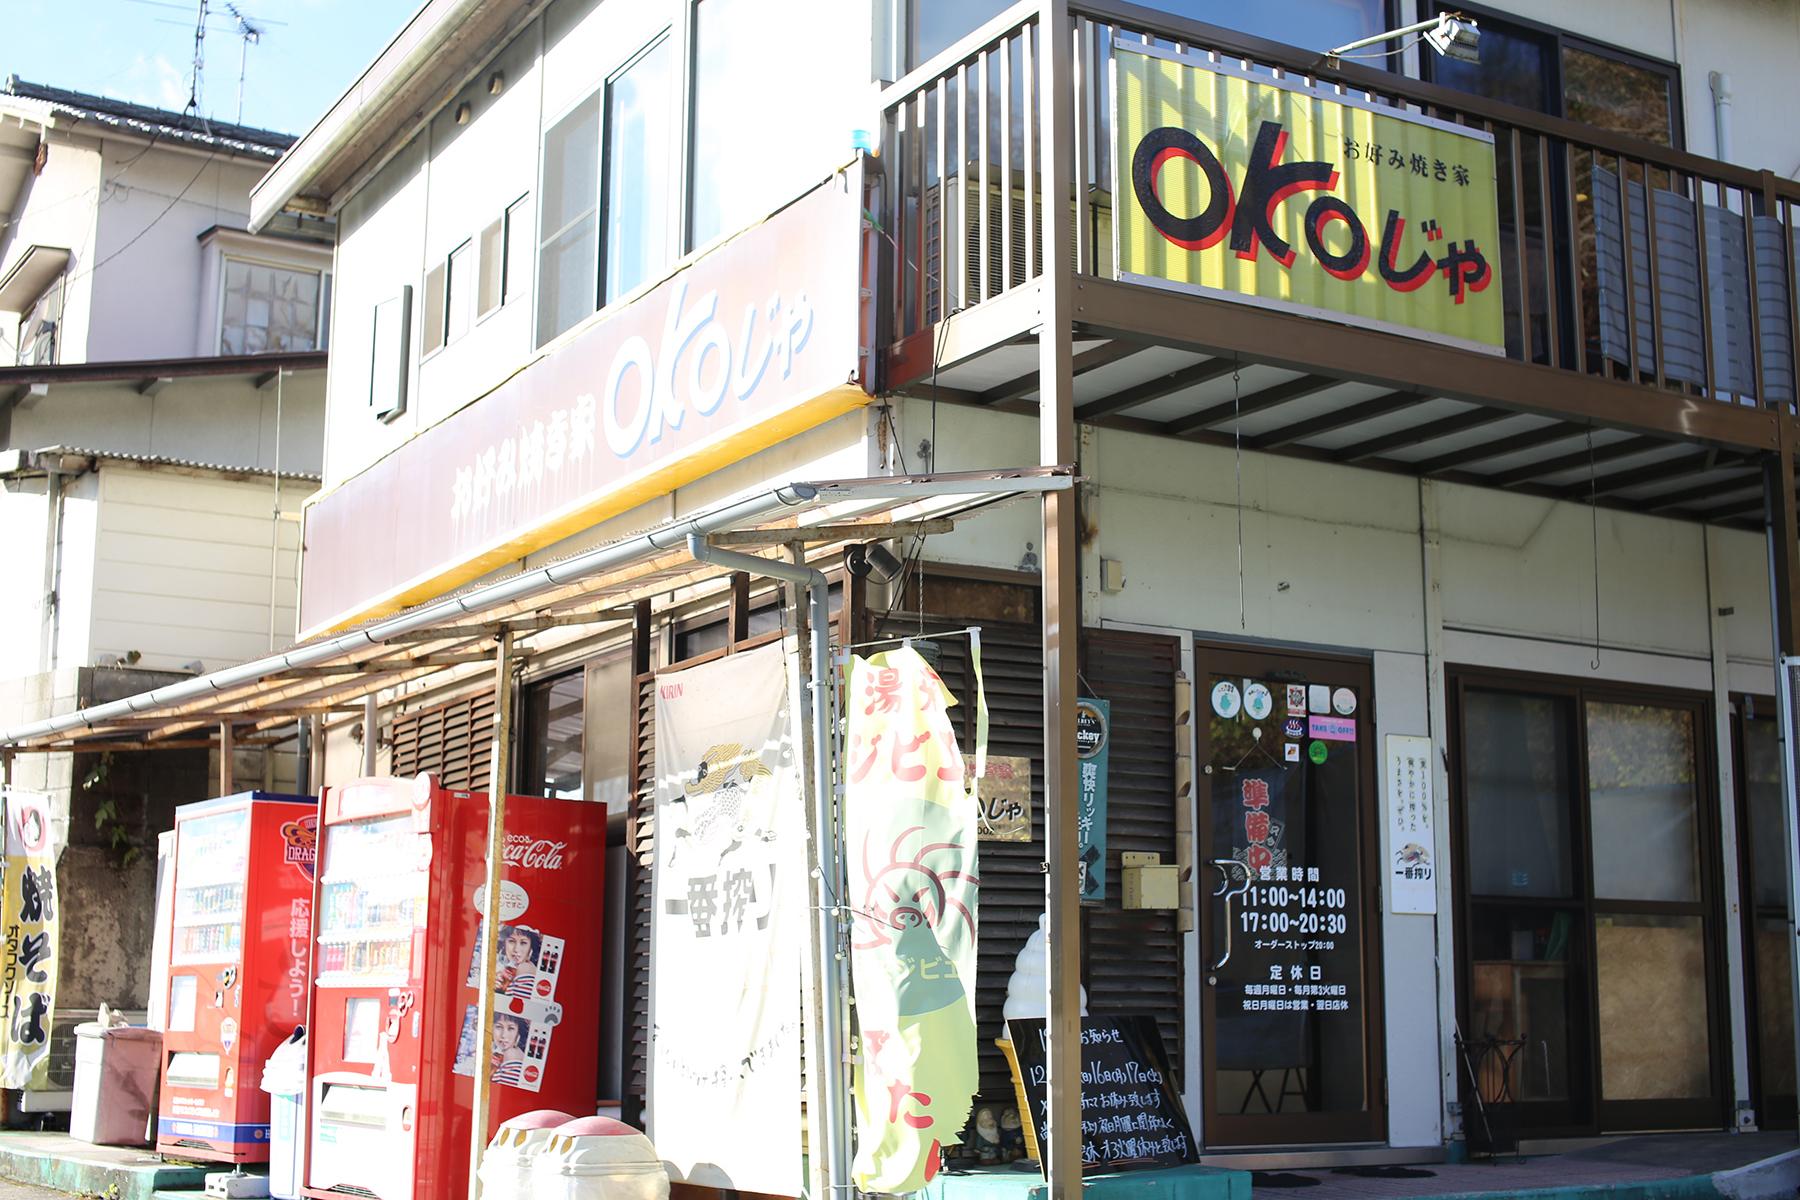 Okonomi-yaki (savory pancake) Restaurant Okoja